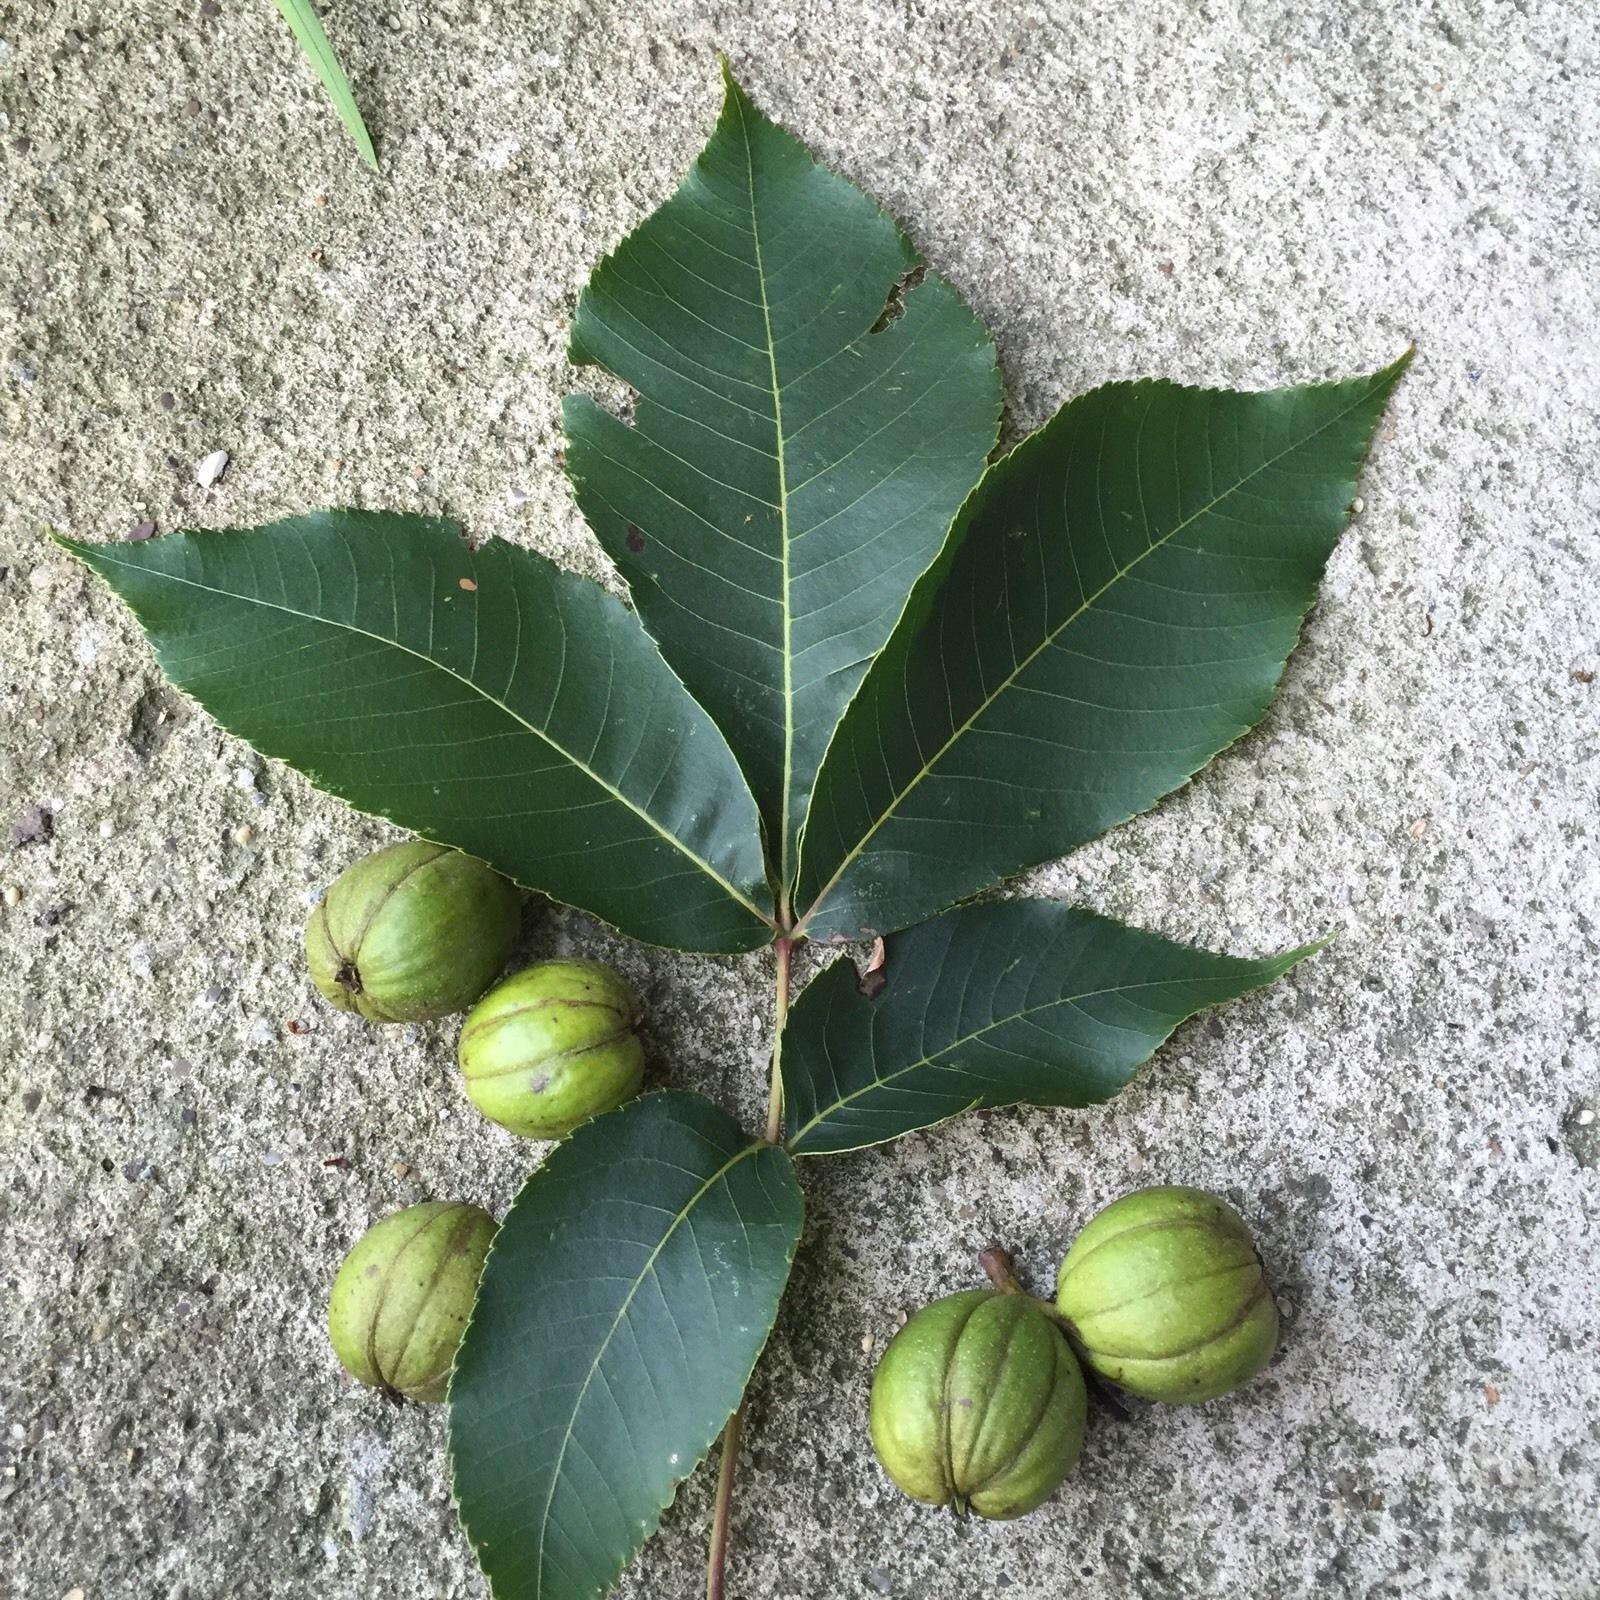 Mockernut